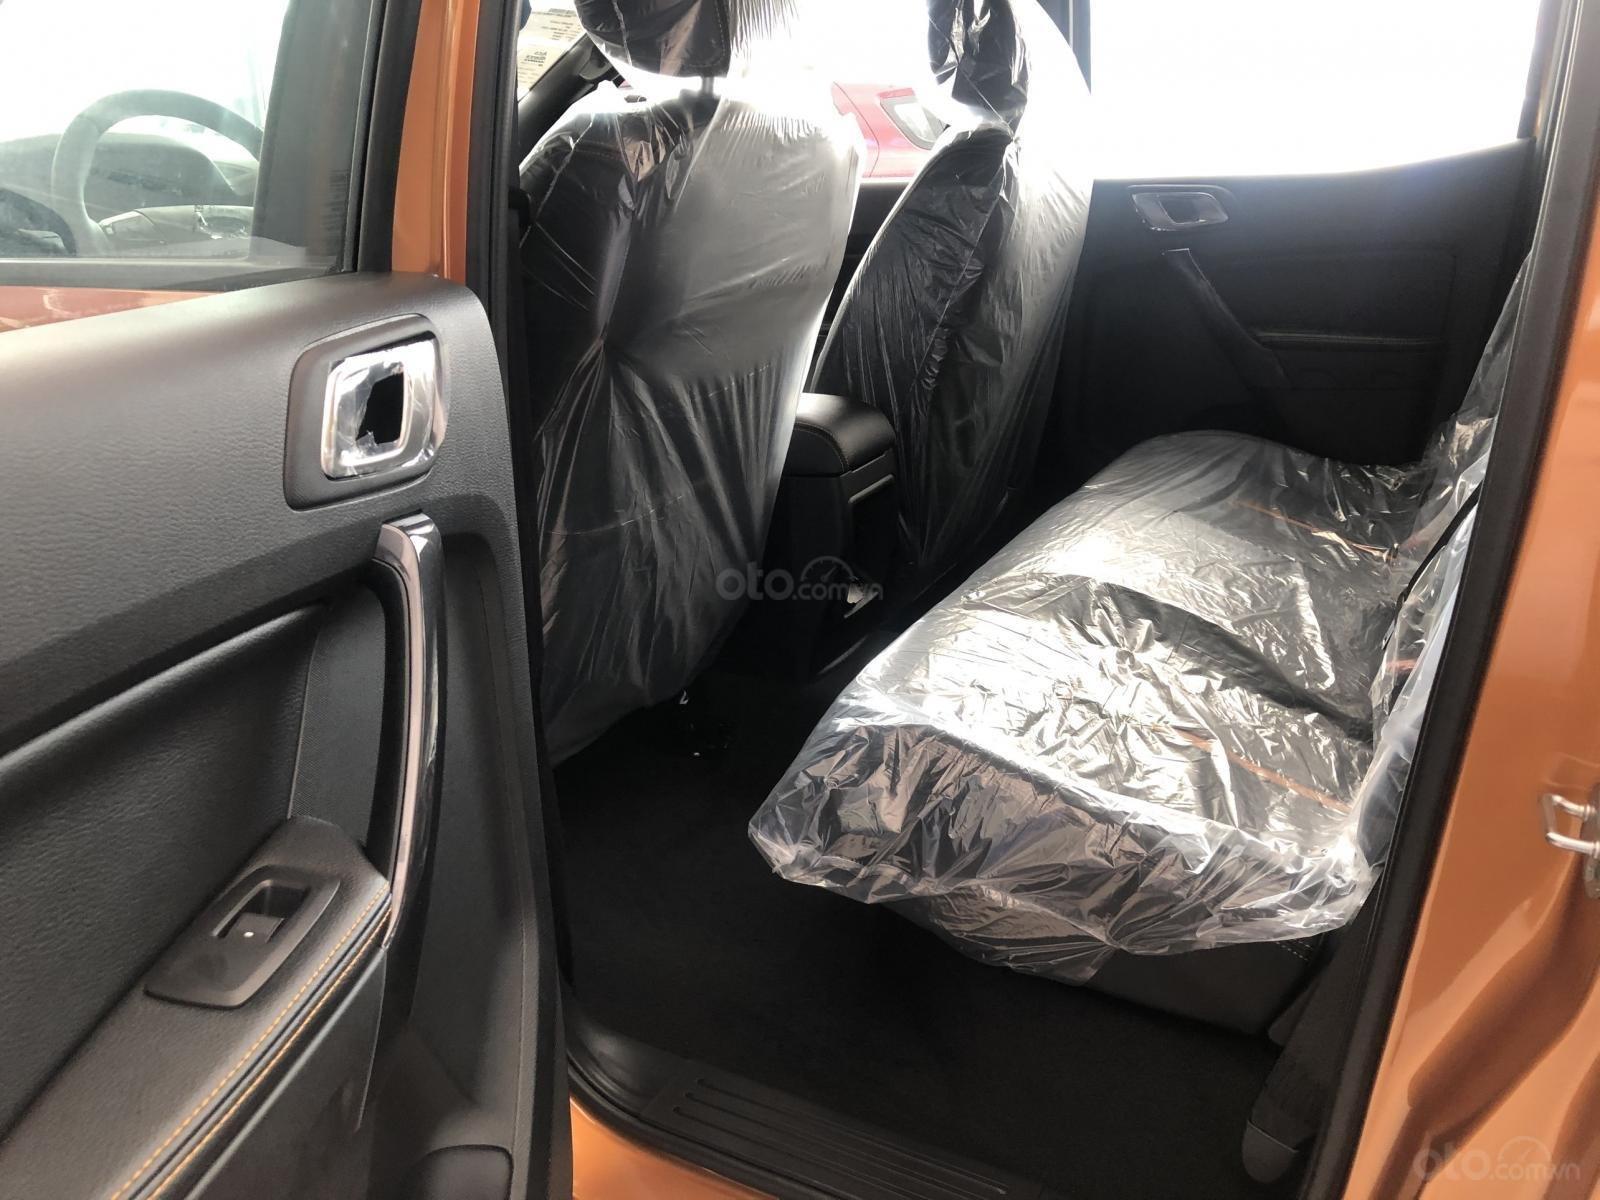 [Suối Tiên Ford - Q9] Ford Ranger Wildtrak Full Bi turbo 2021, ưu đãi ngay 25 triệu tiền mặt cùng loạt quà tặng hấp dẫn (8)